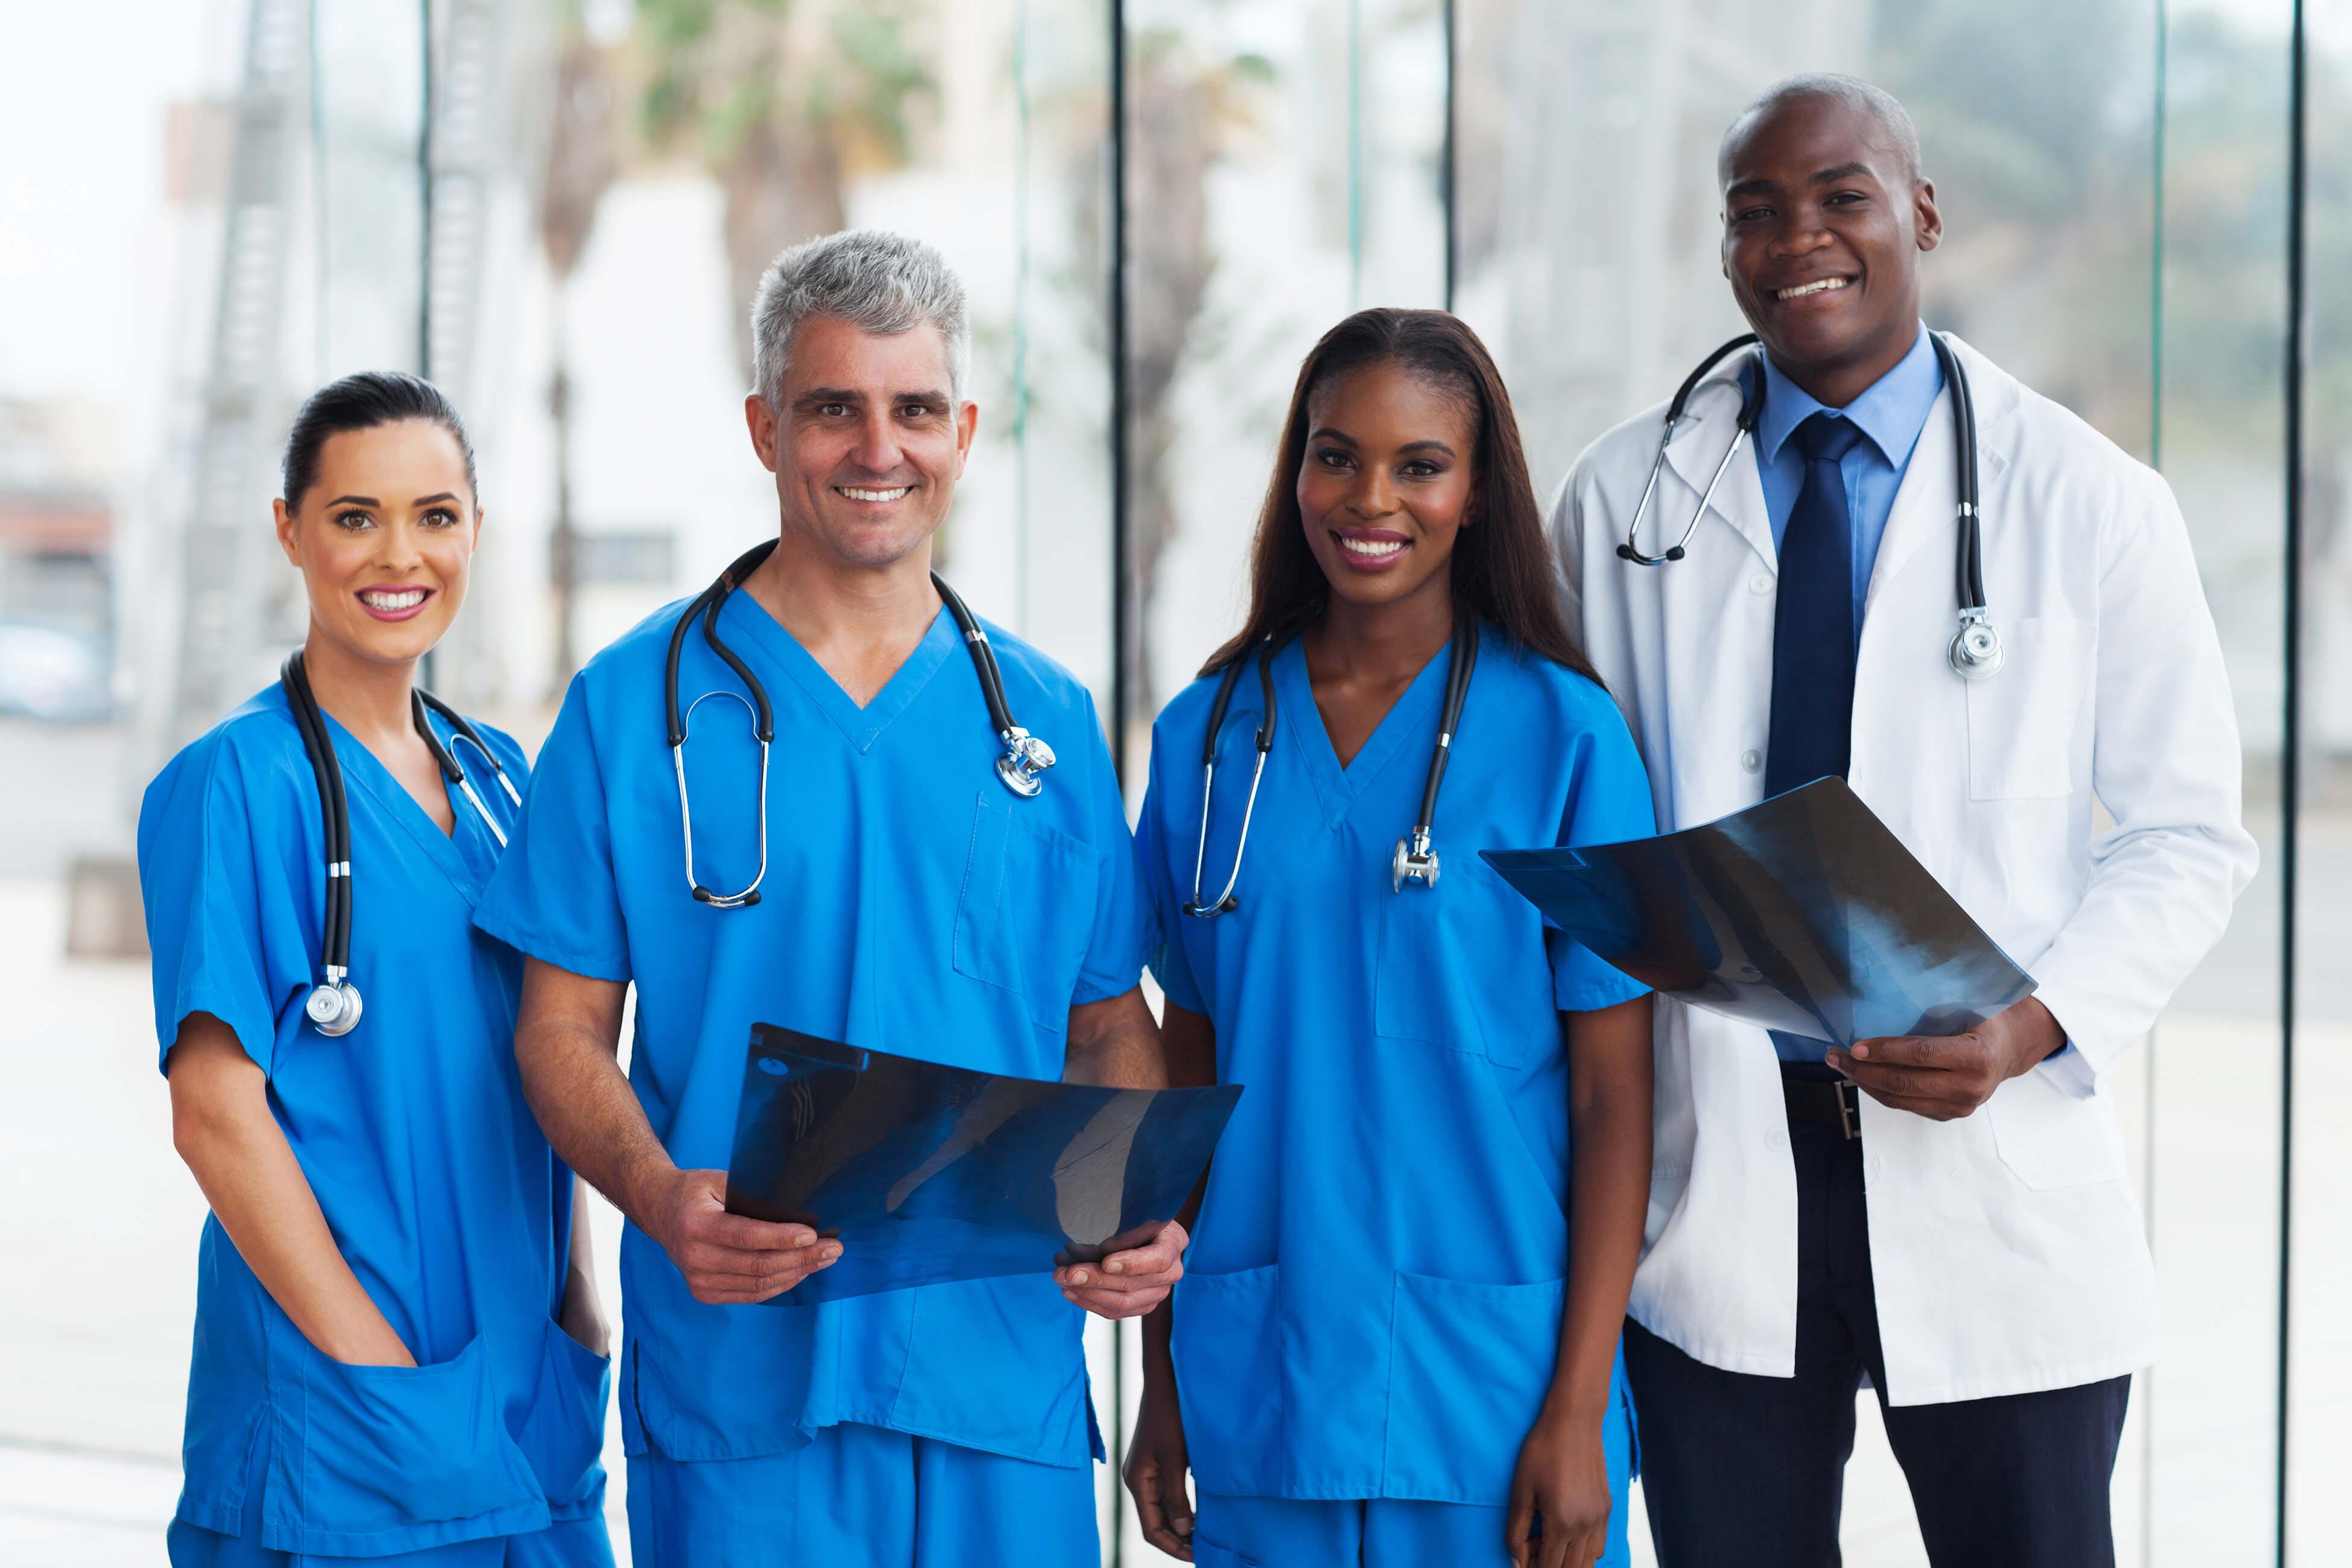 Home - www.southshorehospital.com